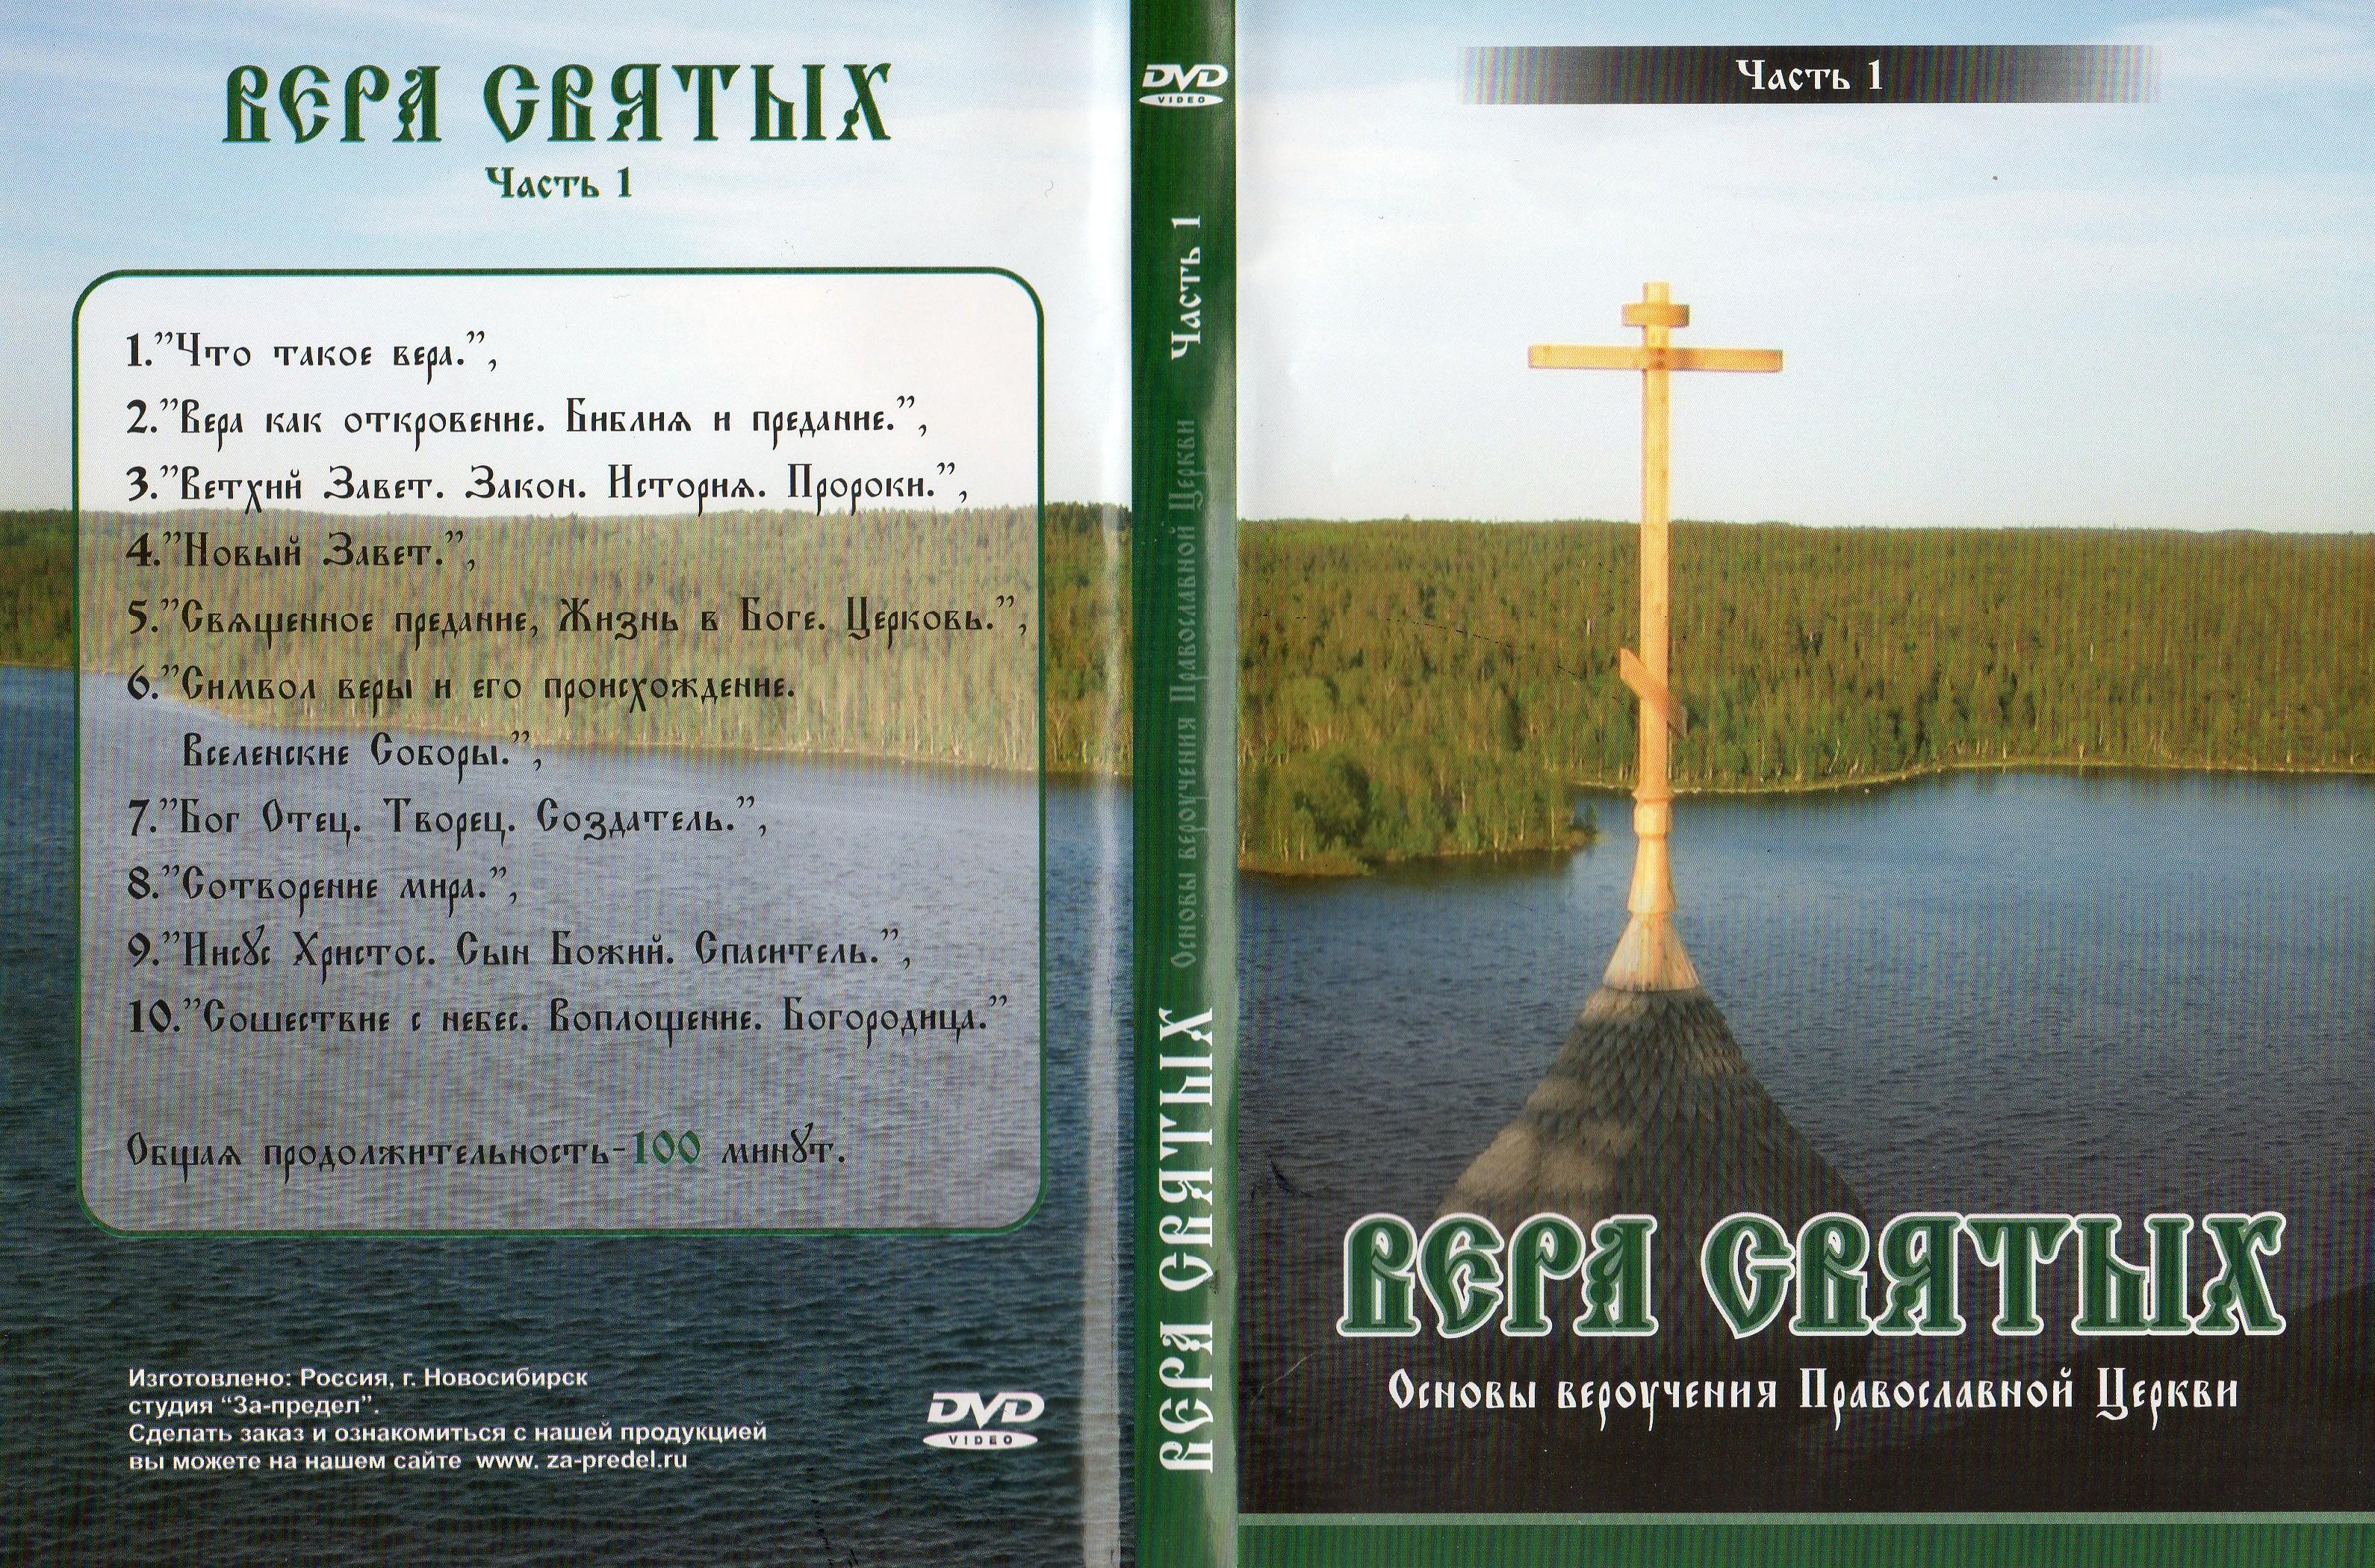 Вера святых_1.jpg